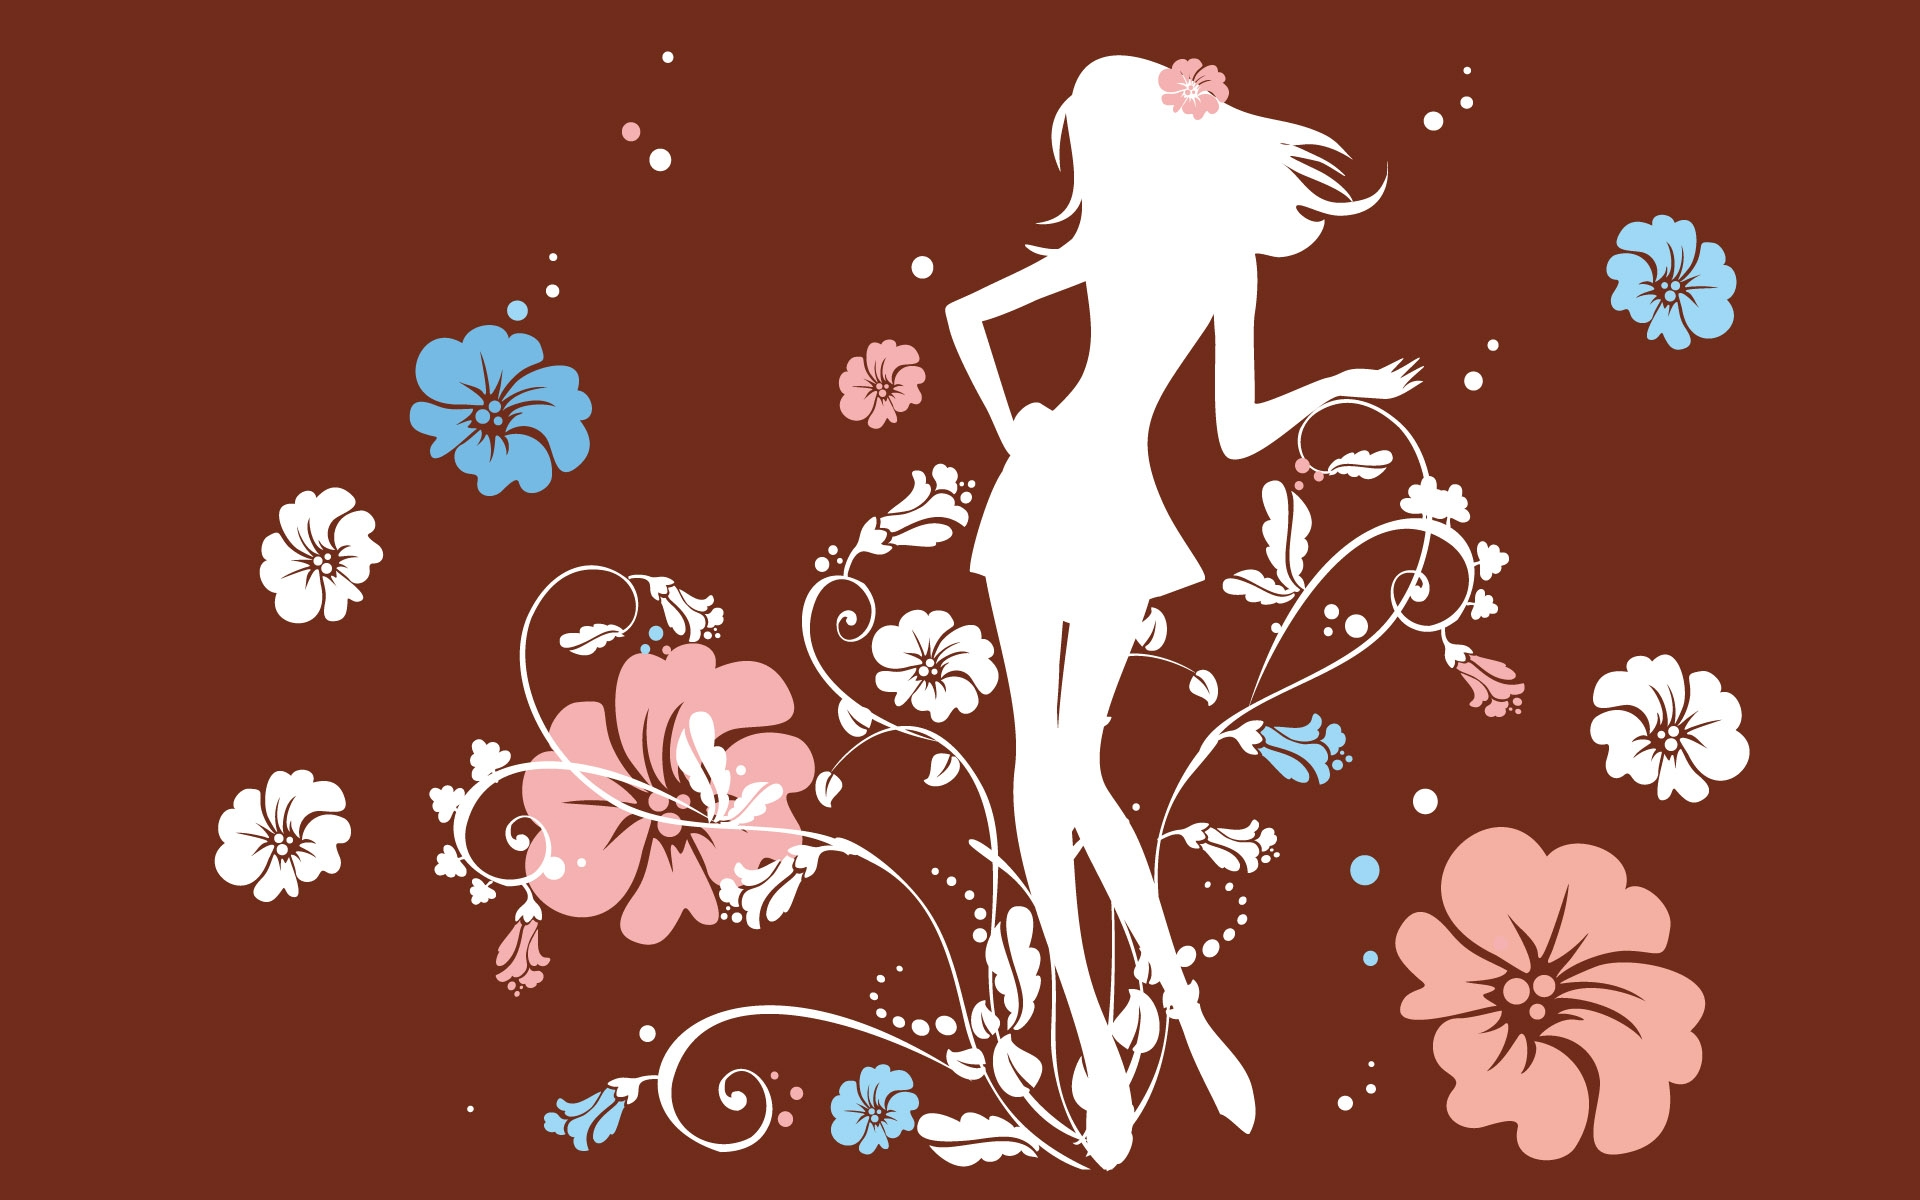 графика абстракция девушка цветы graphics abstraction girl flowers  № 2062449 загрузить